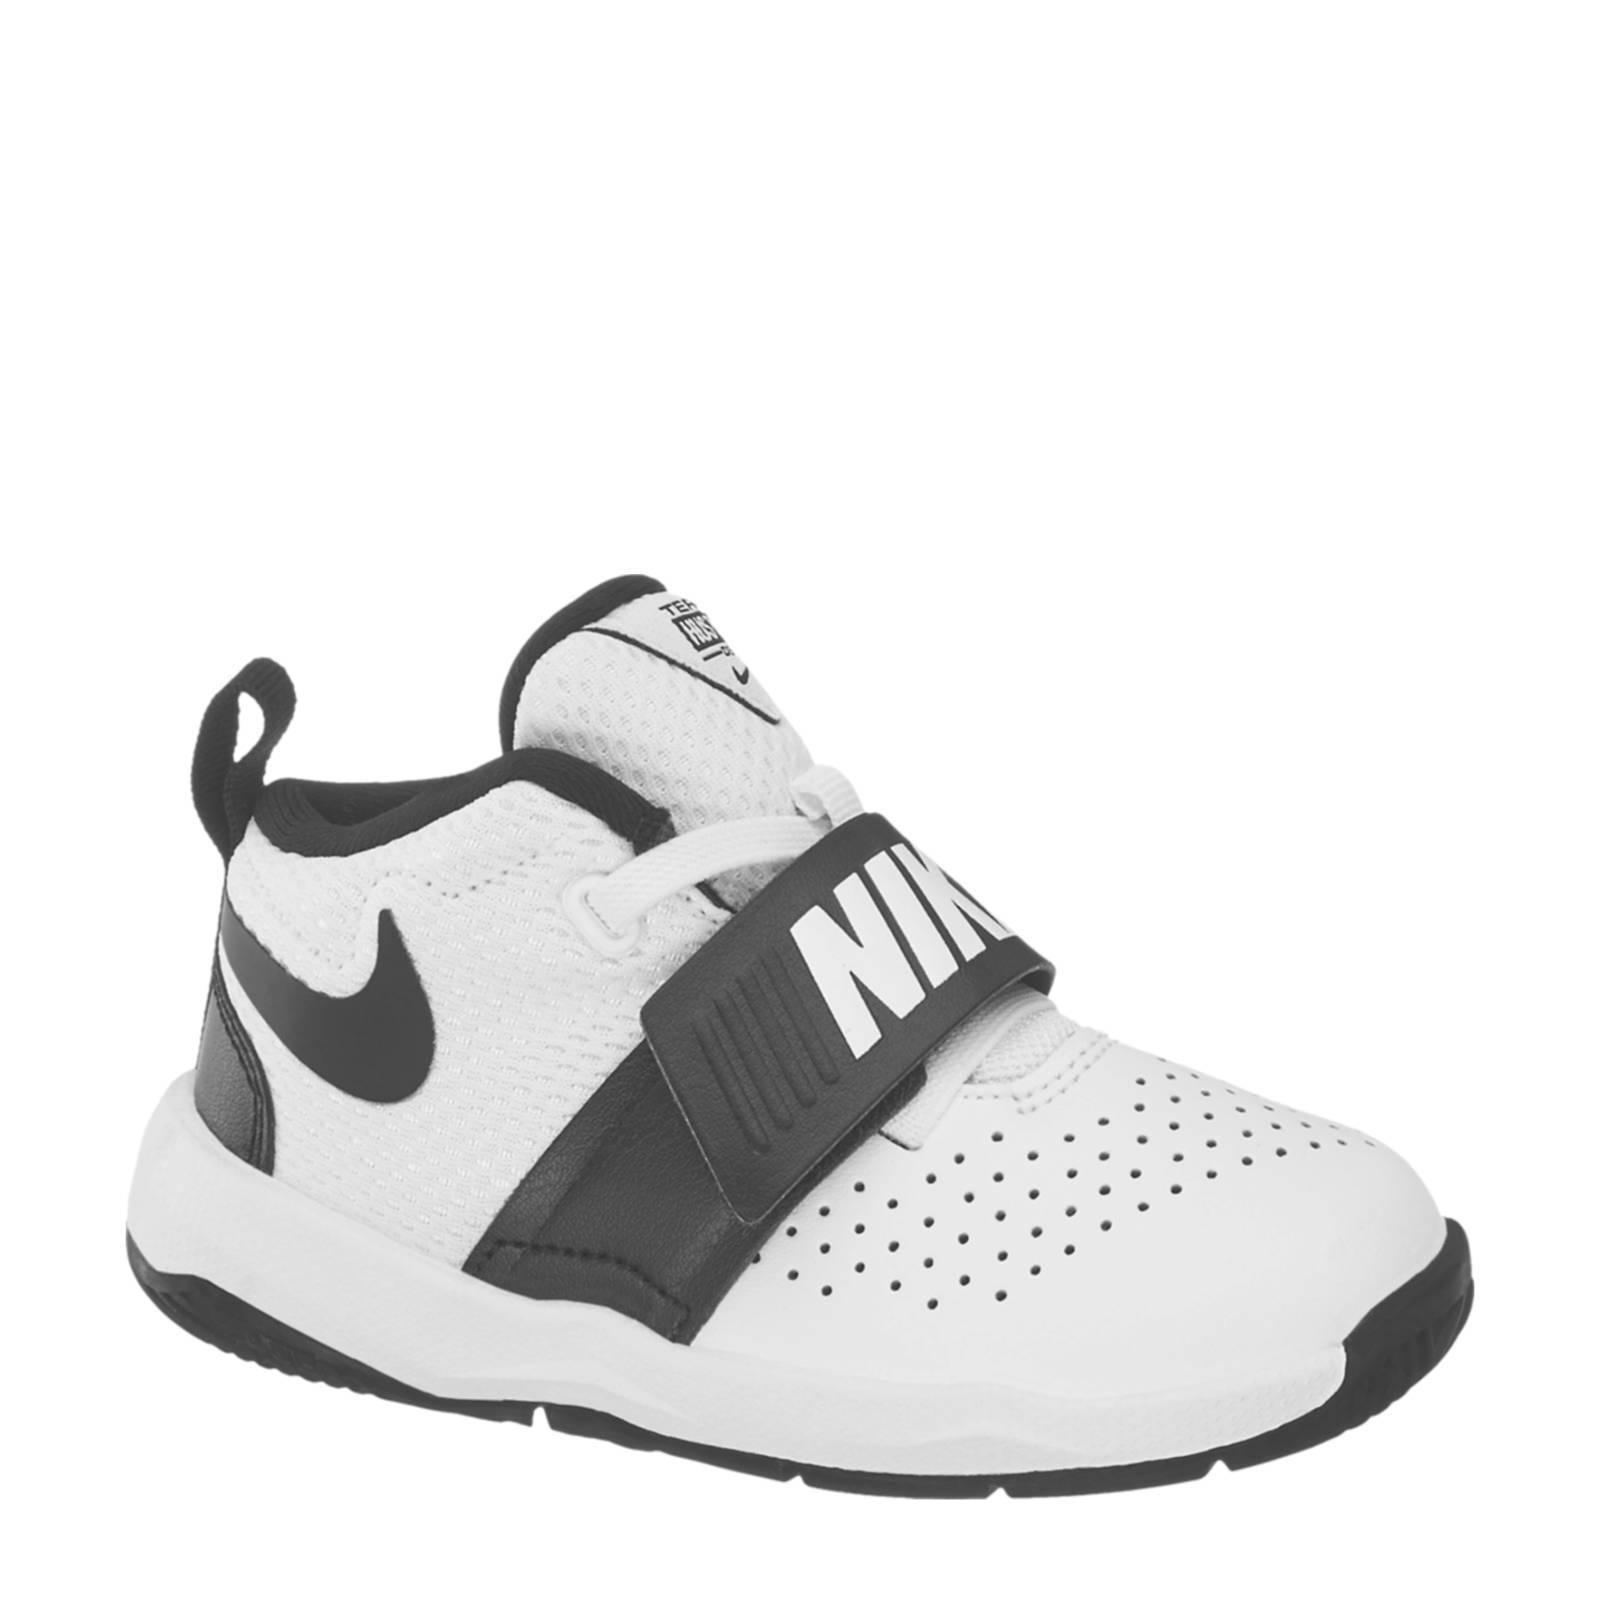 pretty nice 359cf 67633 nike-team-hustle-sneakers-wit-wit.jpg